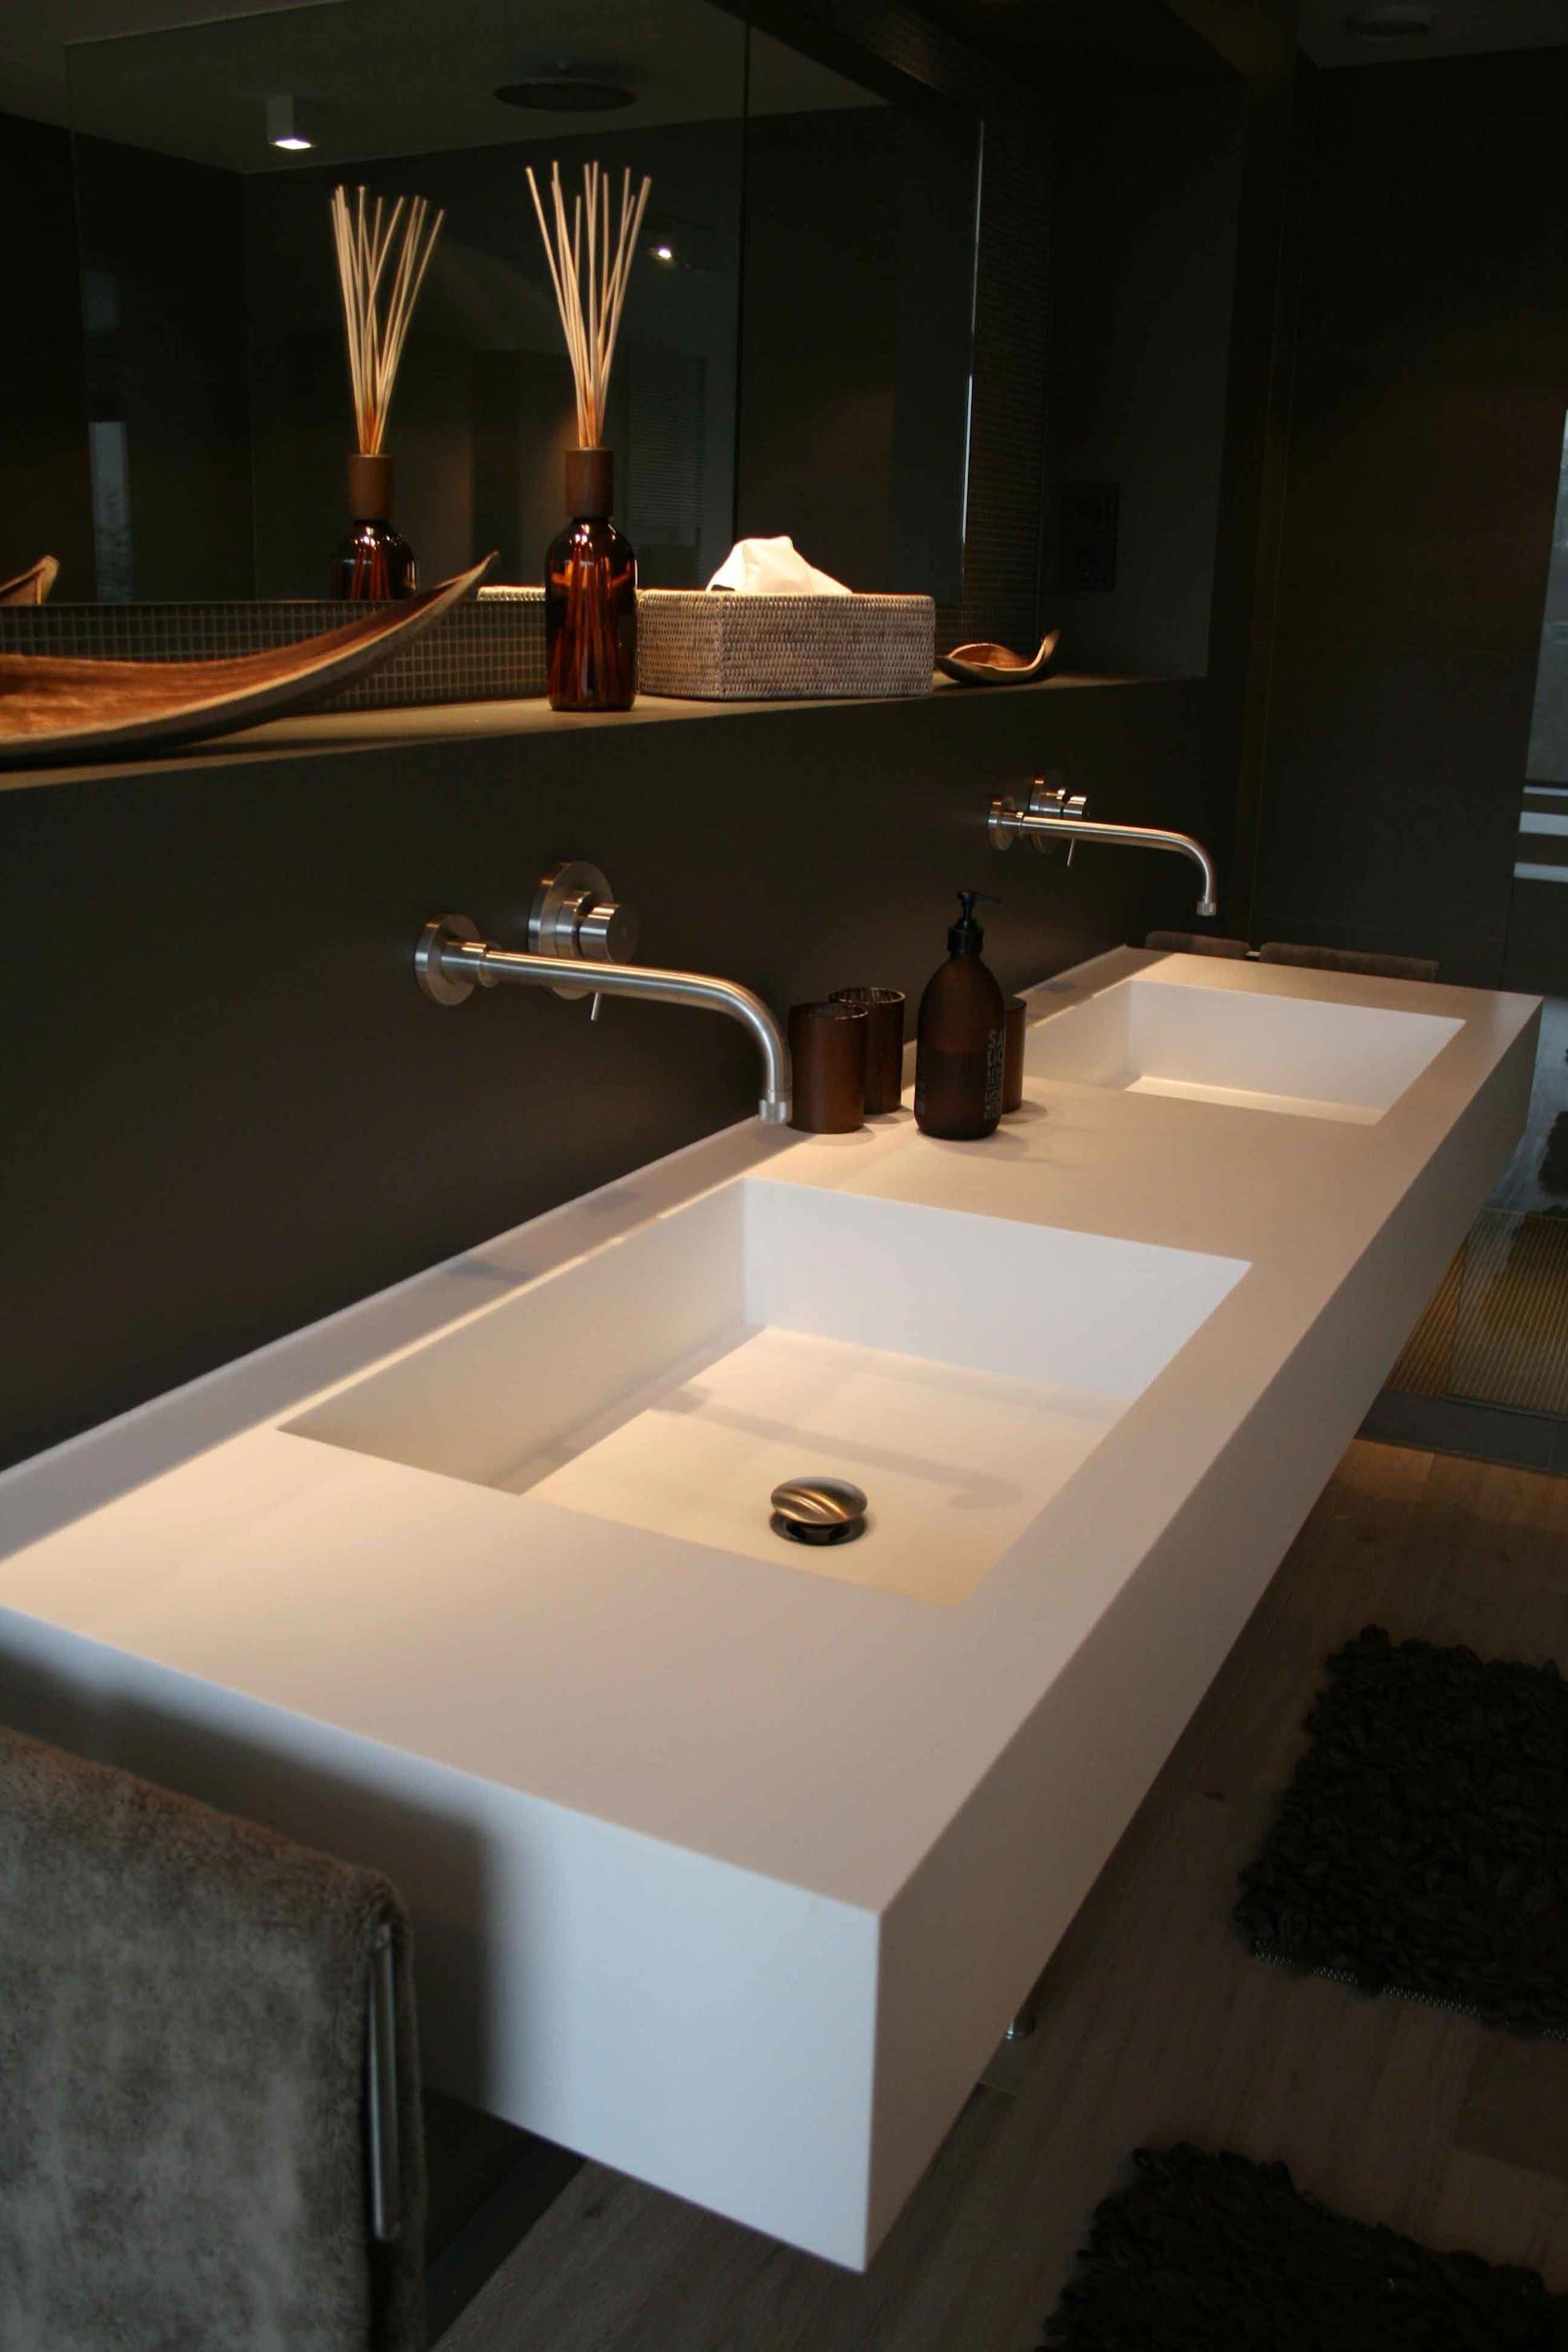 Doppelwaschtisch axel fröhlich gmbh moderne badezimmer ...